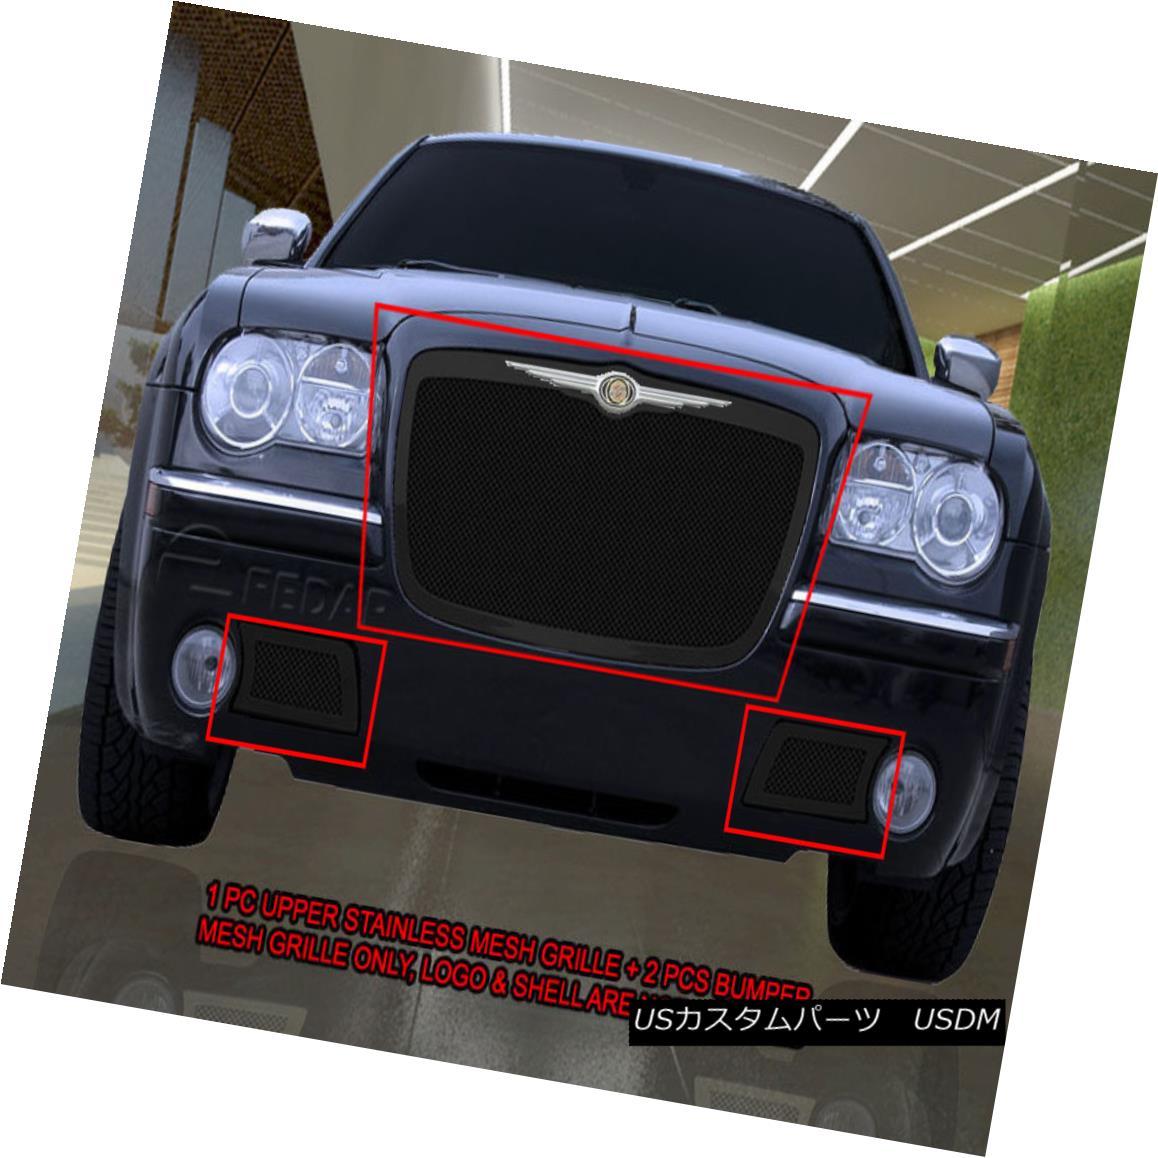 グリル Fits 2005-2010 Chrysler 300C Black Stainless Steel Mesh Grille Combo Insert 適合2005-2010クライスラー300Cブラックステンレススチールメッシュグリルコンボインサート